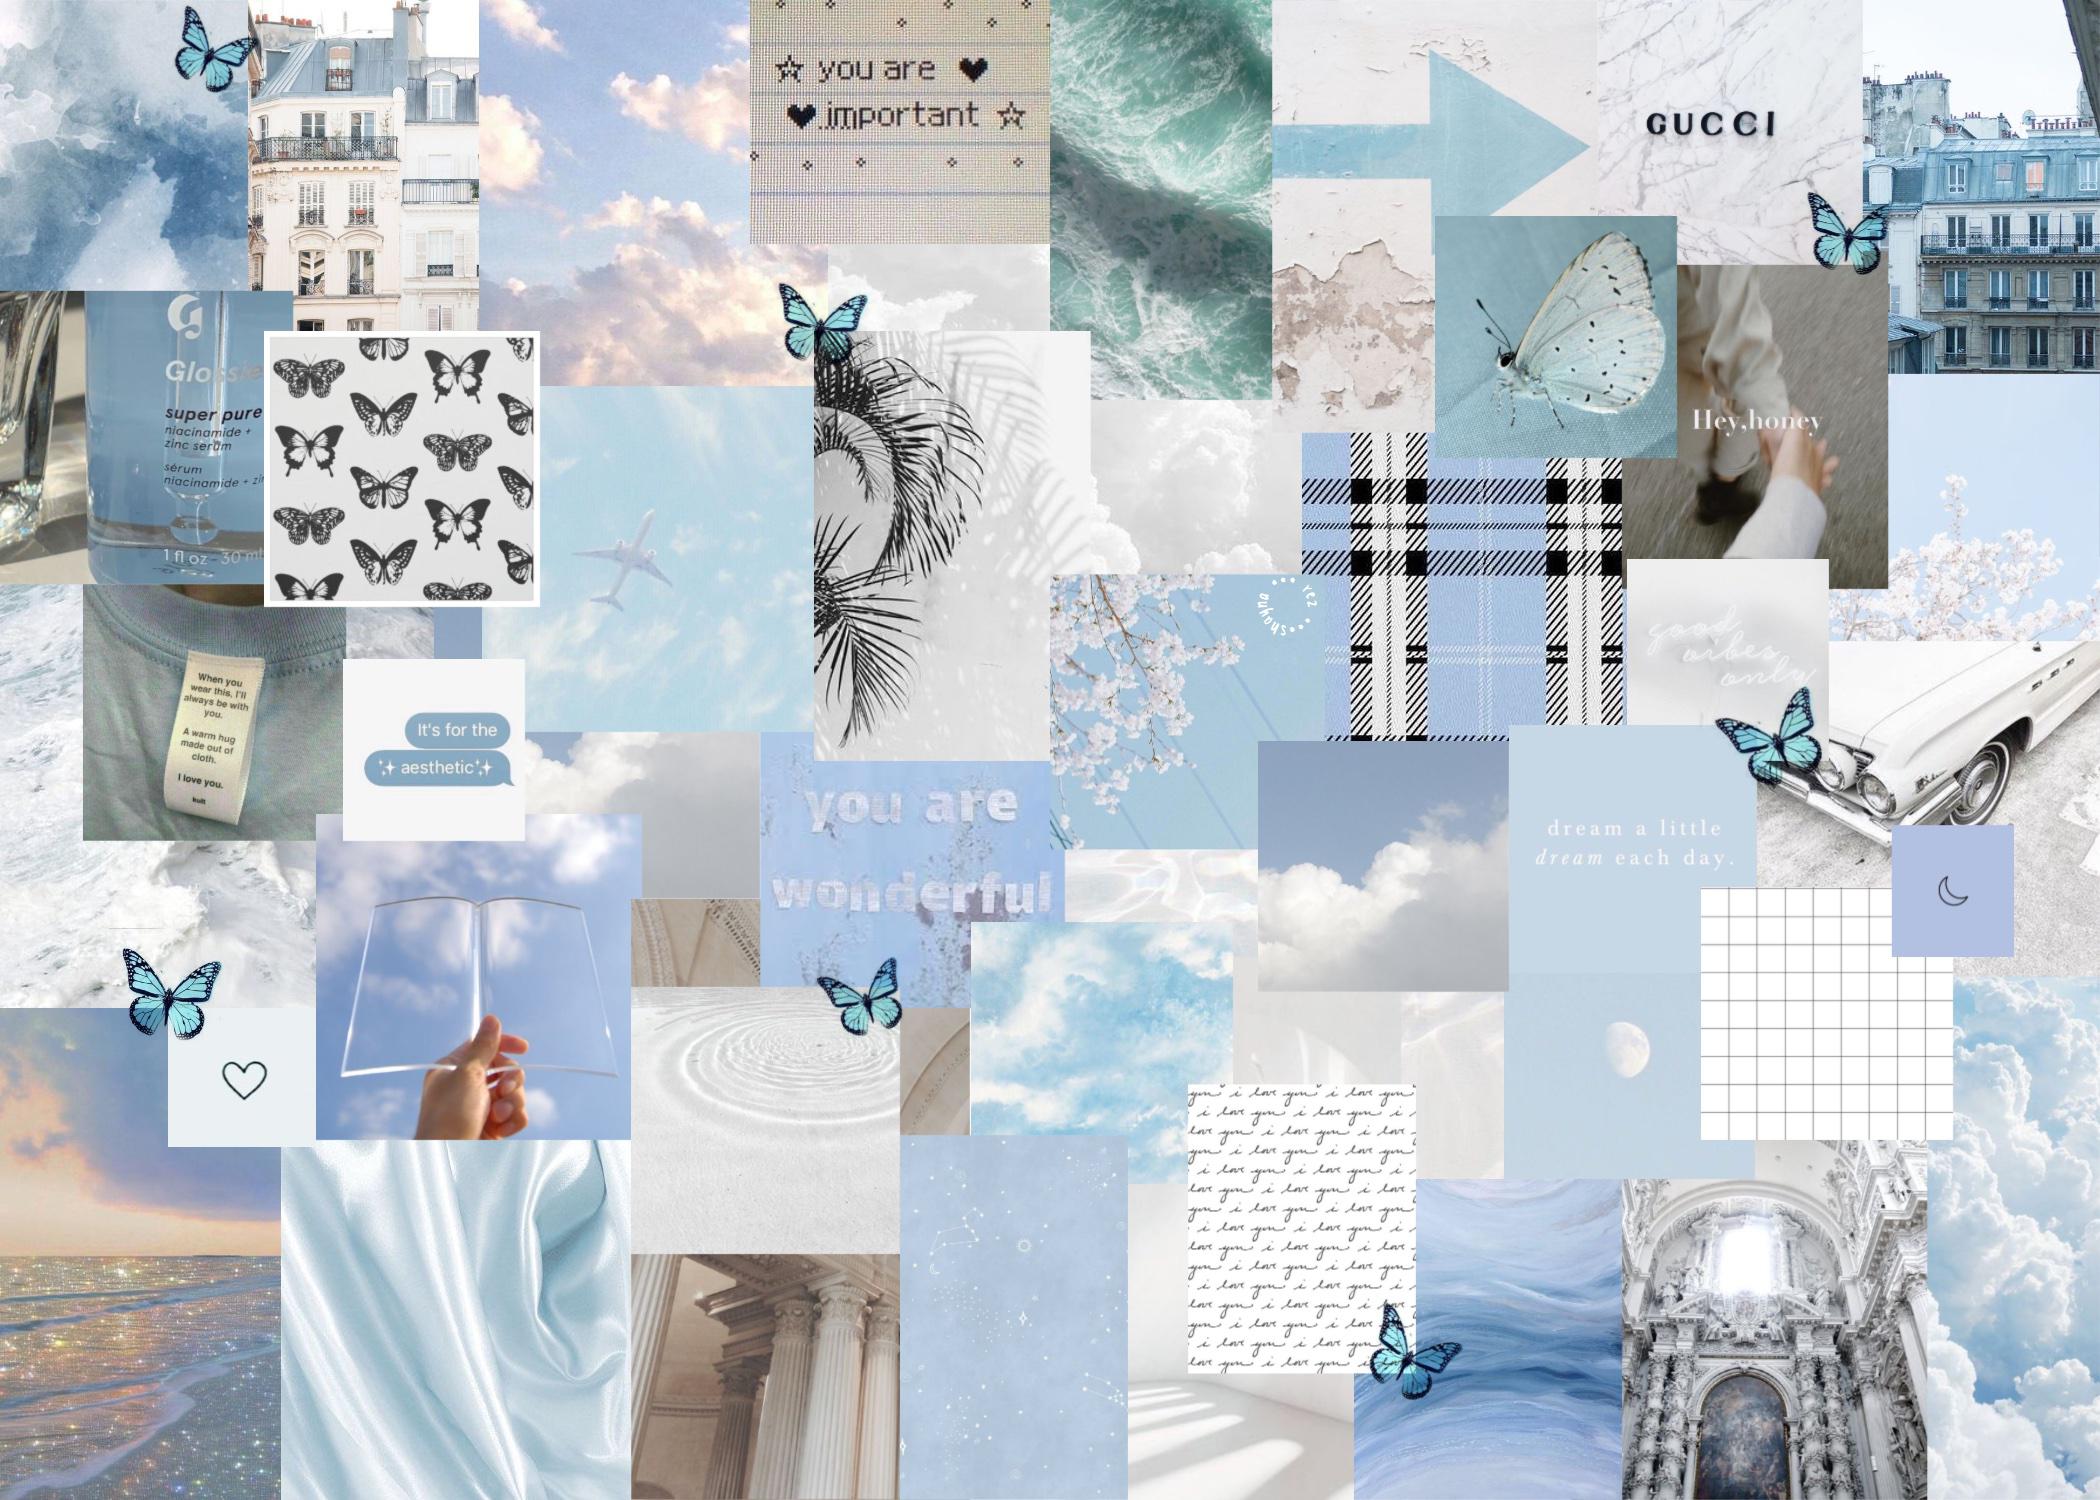 blue white aesthetic laptop wallpaper in 2020 Aesthetic 2100x1500